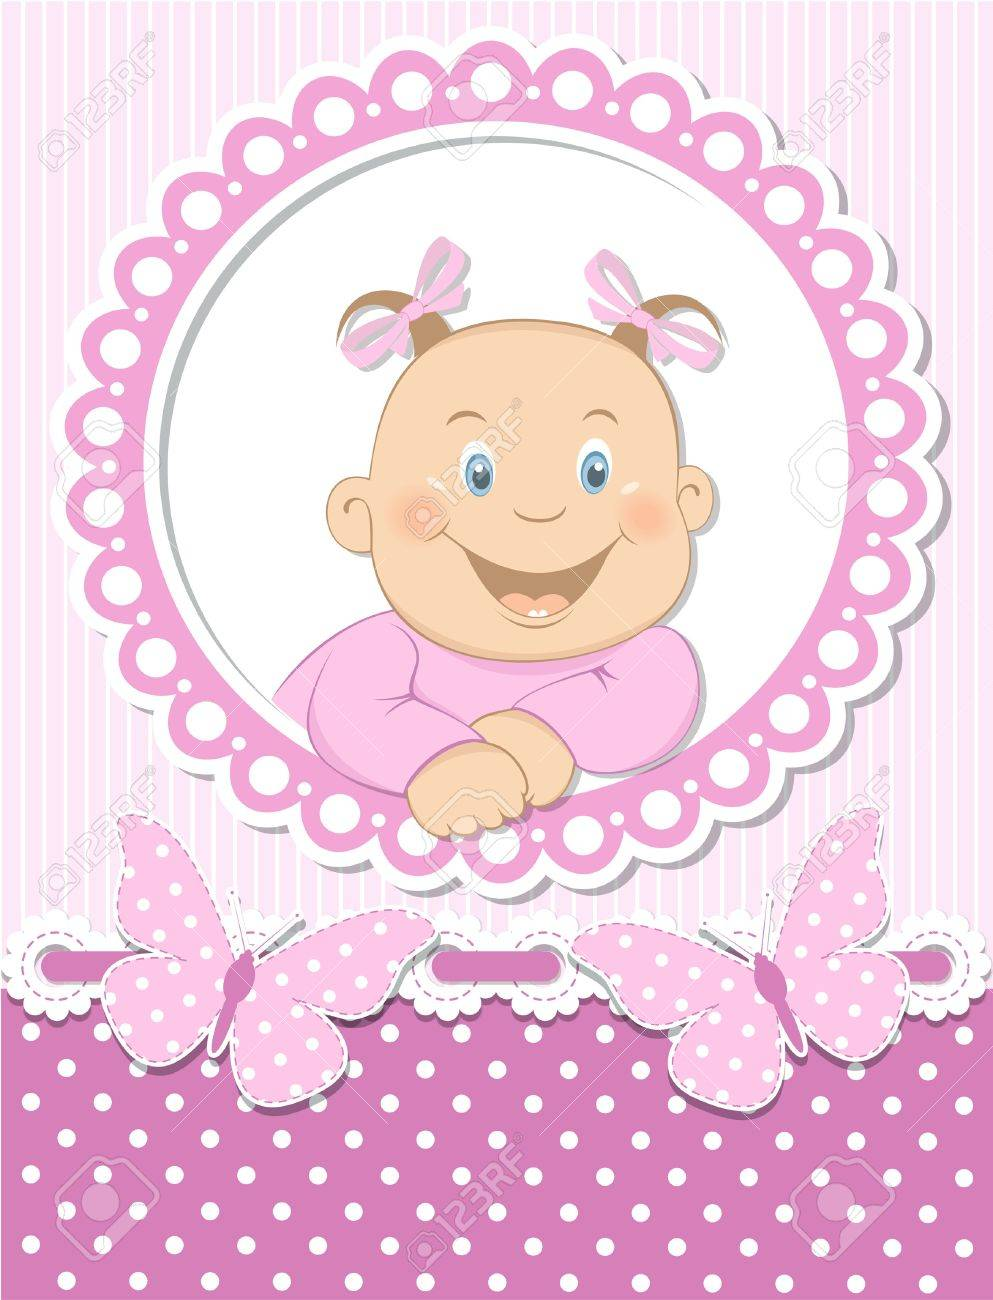 How to scrapbook for baby girl - Happy Baby Girl Scrapbook Pink Frame Stock Vector 15321483